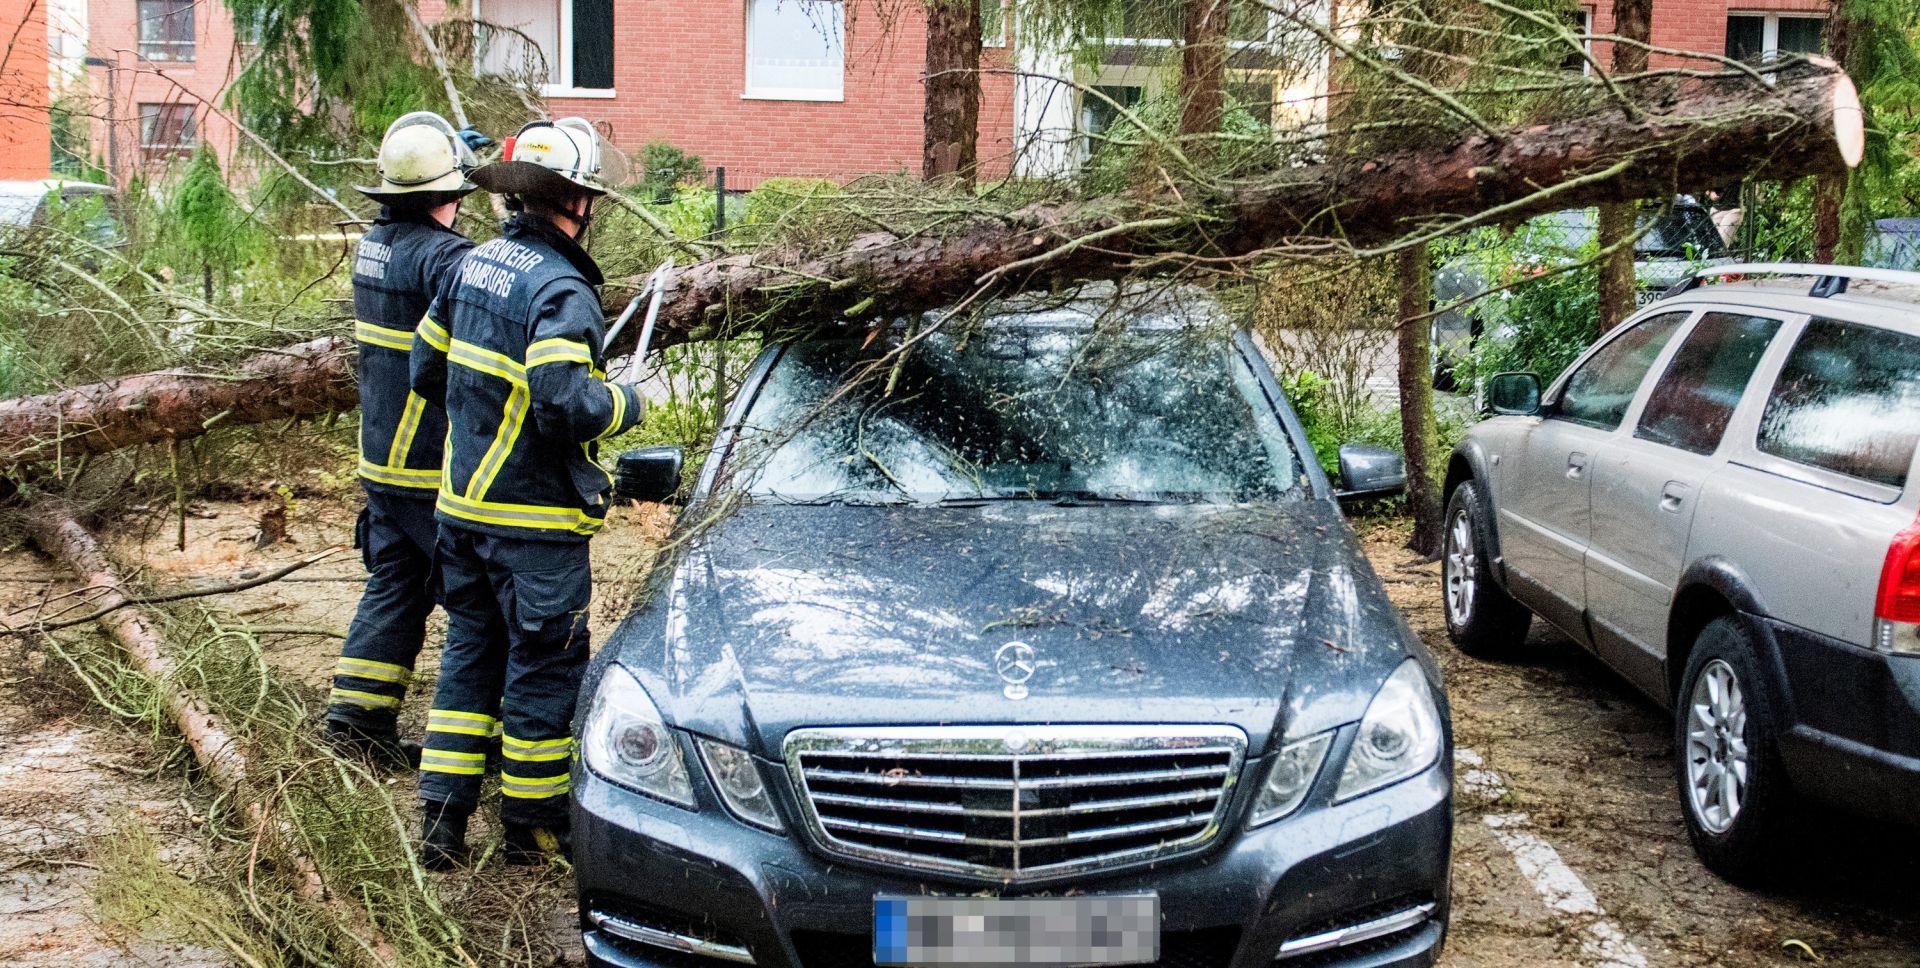 Oluja poharala Njemačku, kraj vrućinama se ne nazire